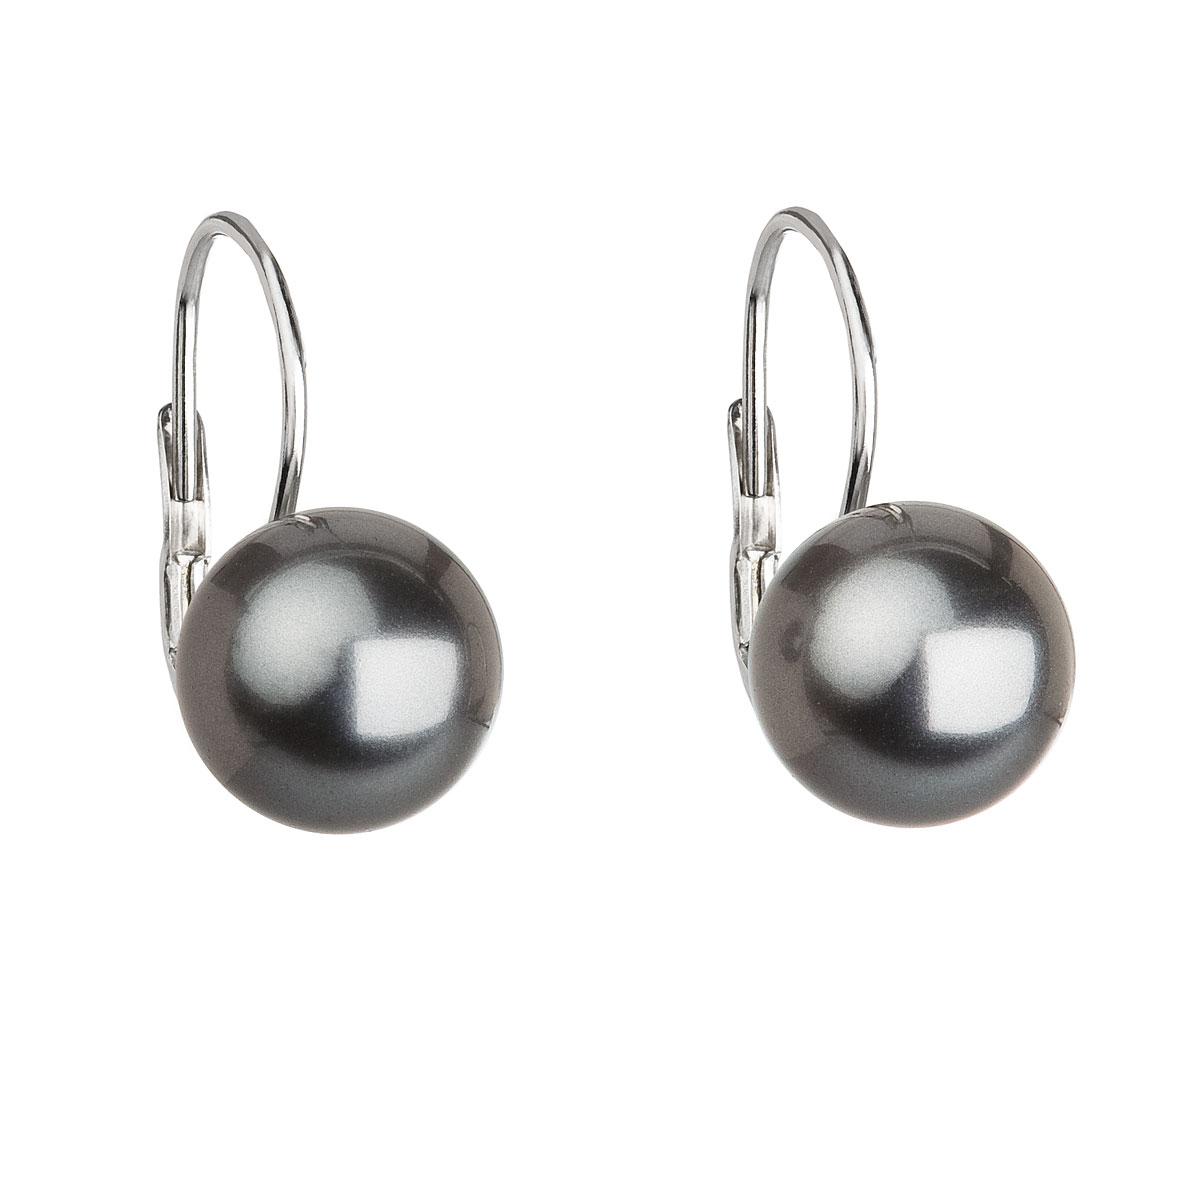 Evolution Group Stříbrné náušnice visací s perlou Swarovski šedé kulaté 31143.3 grey